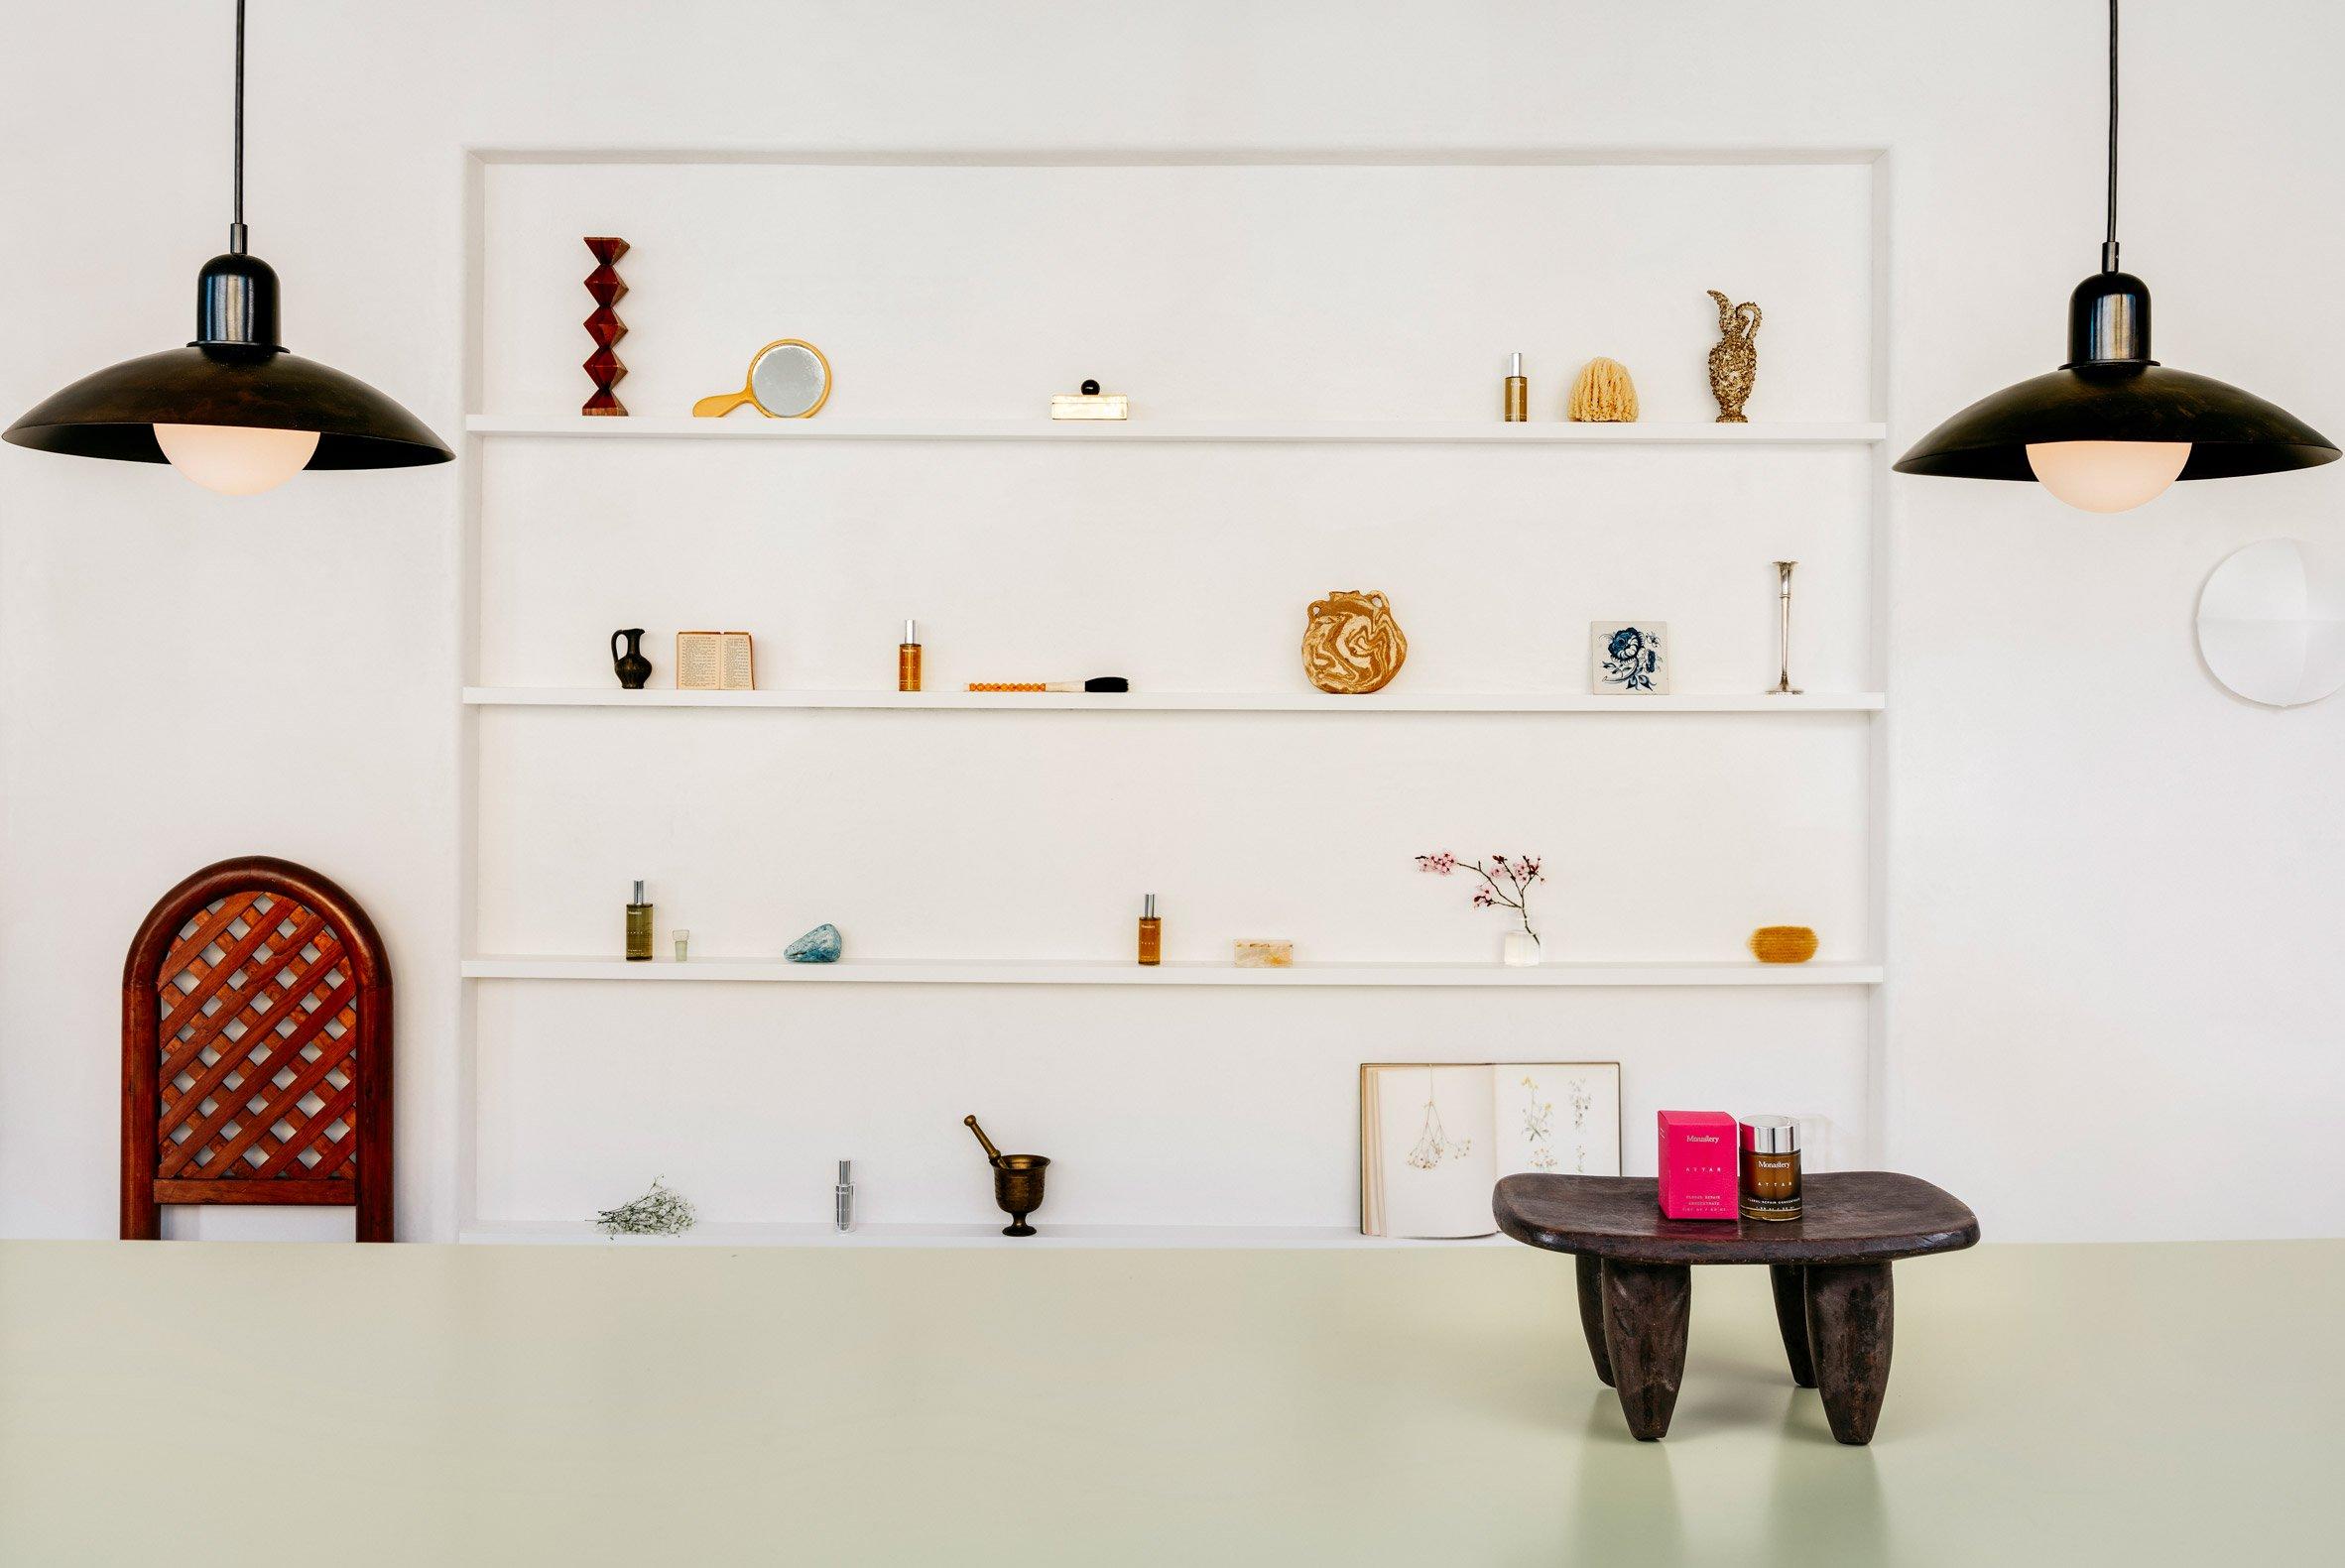 Monastery Studio by Jacqueline Sullivan